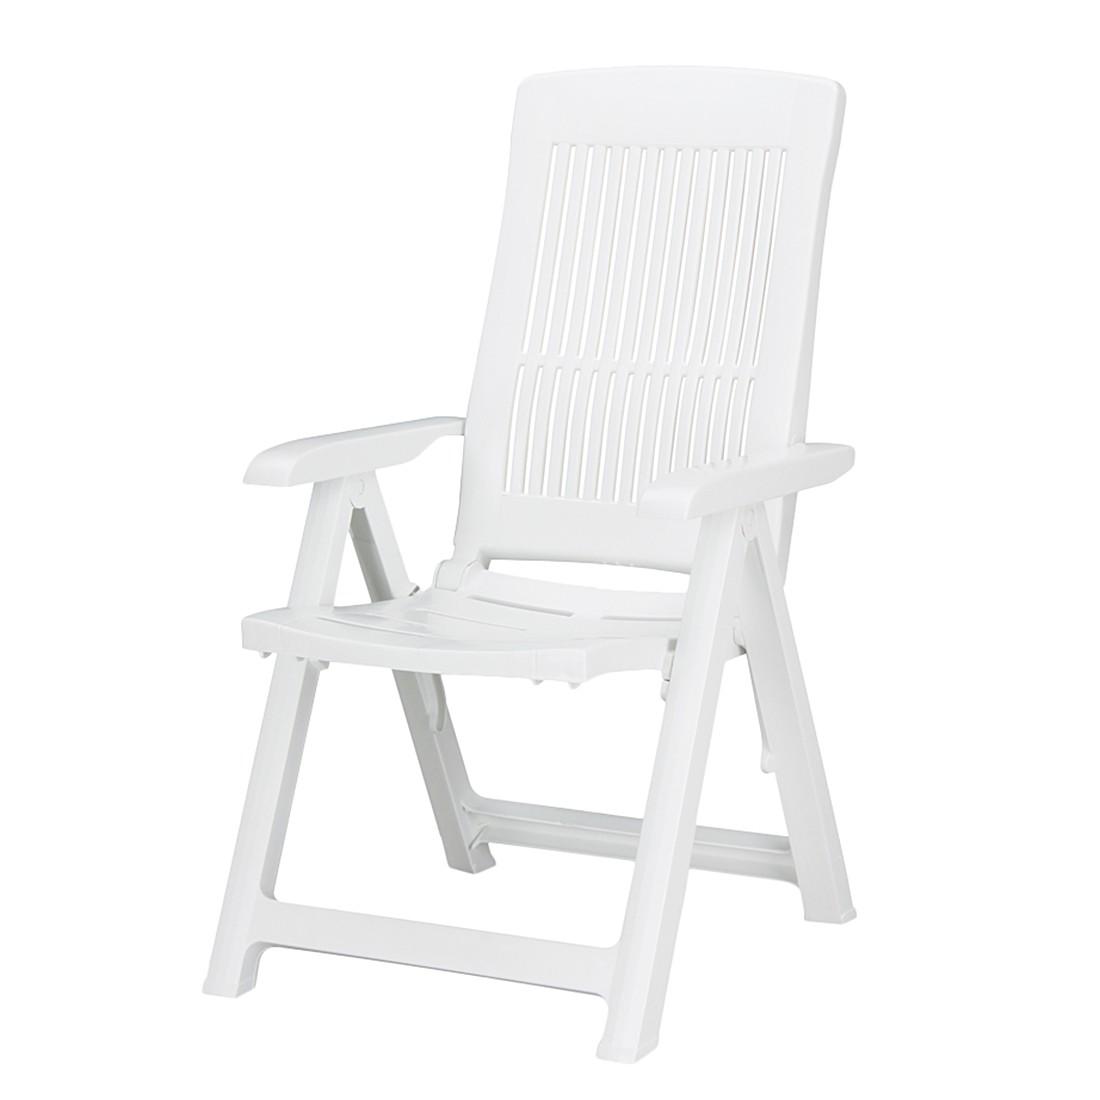 Gartenstuhl Santiago (klappbar) - Kunststoff Weiß, Best Freizeitmöbel